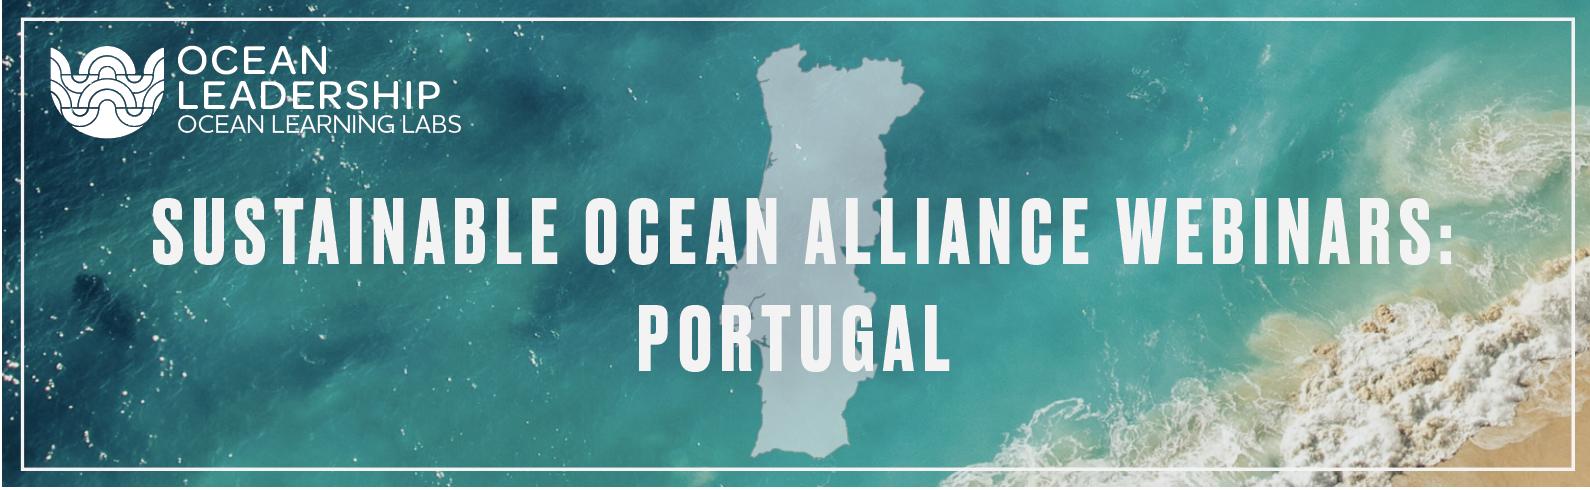 SOA Webinars- Portugal